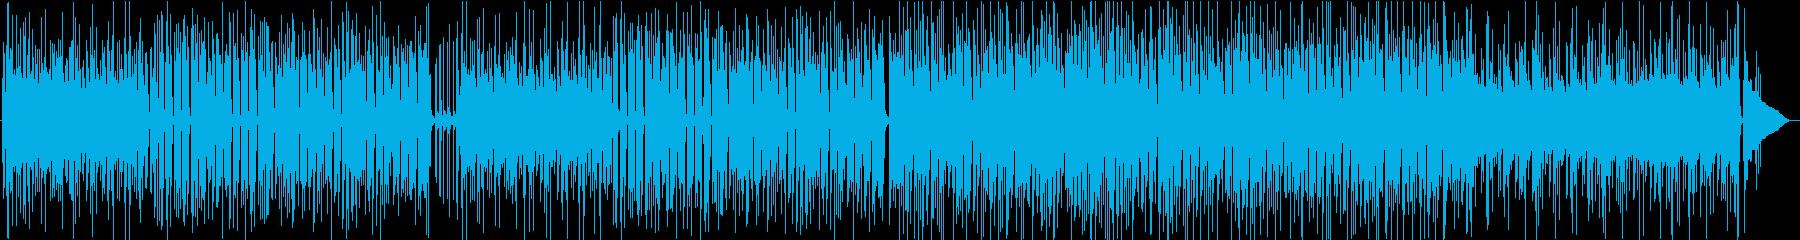 爽やかなピアノとウクレレ!!/ドラム抜きの再生済みの波形